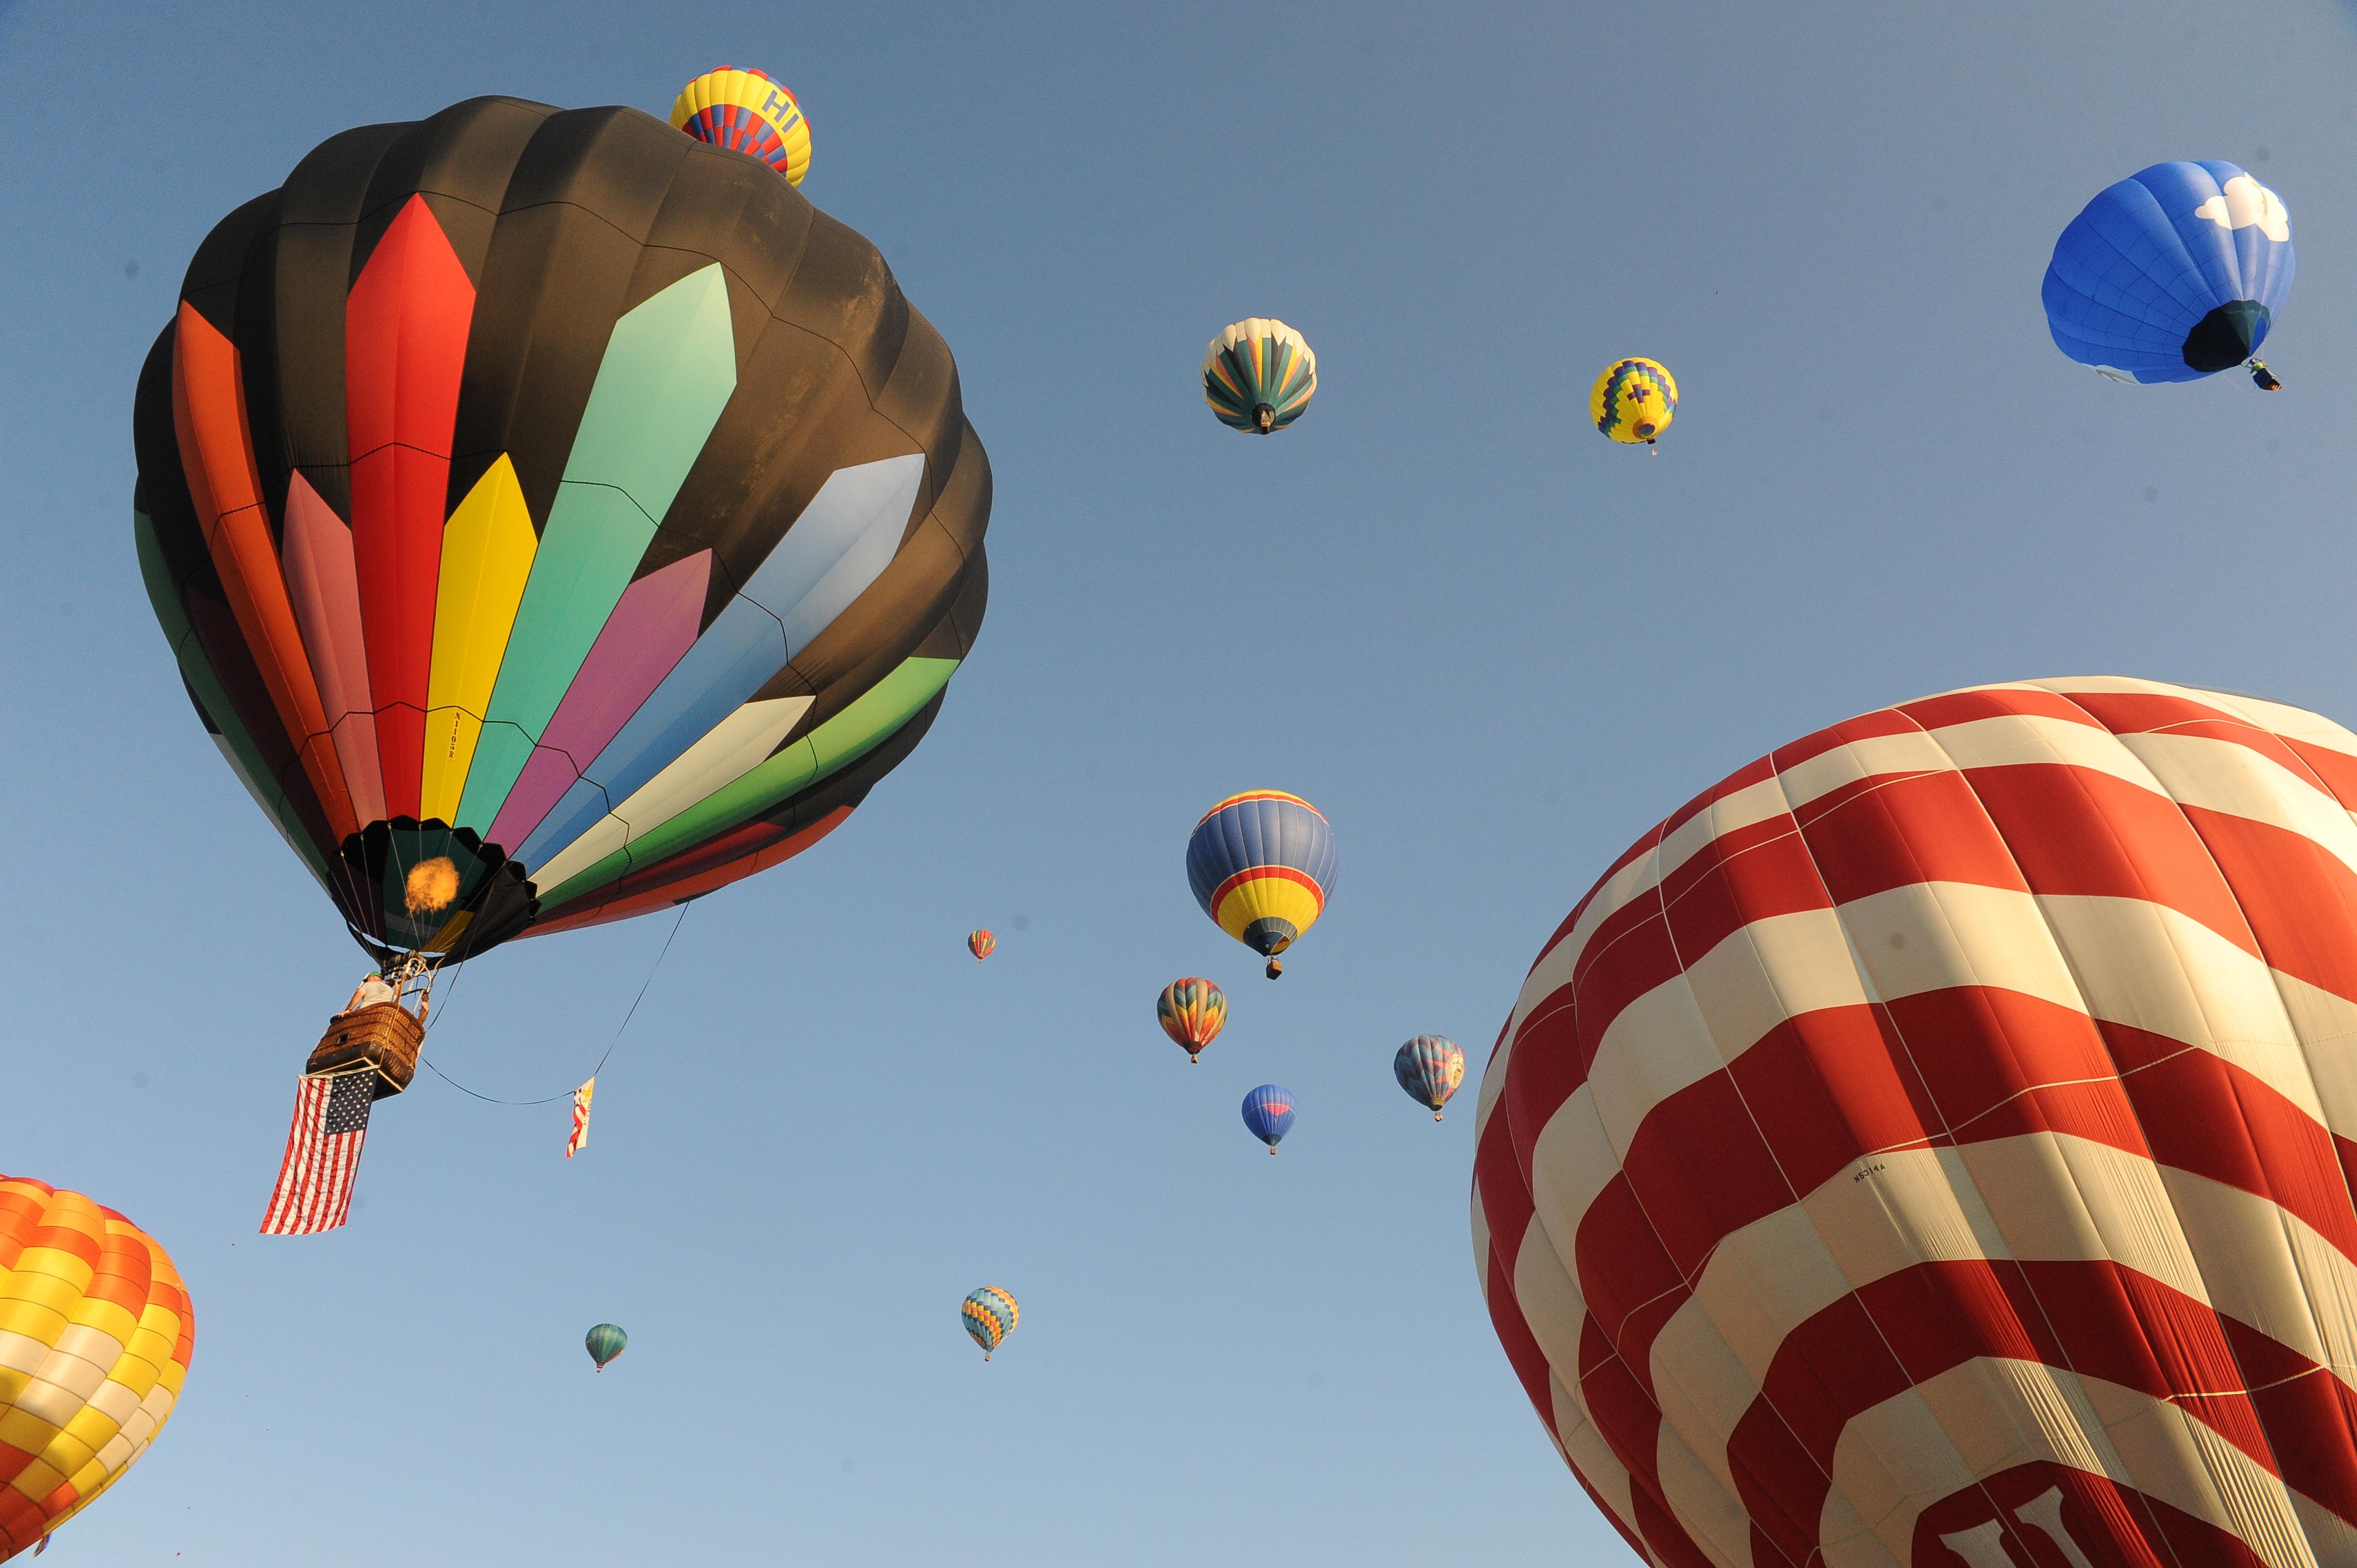 Warren County Farmers' Fair featuring the Hot Air Balloon Festival